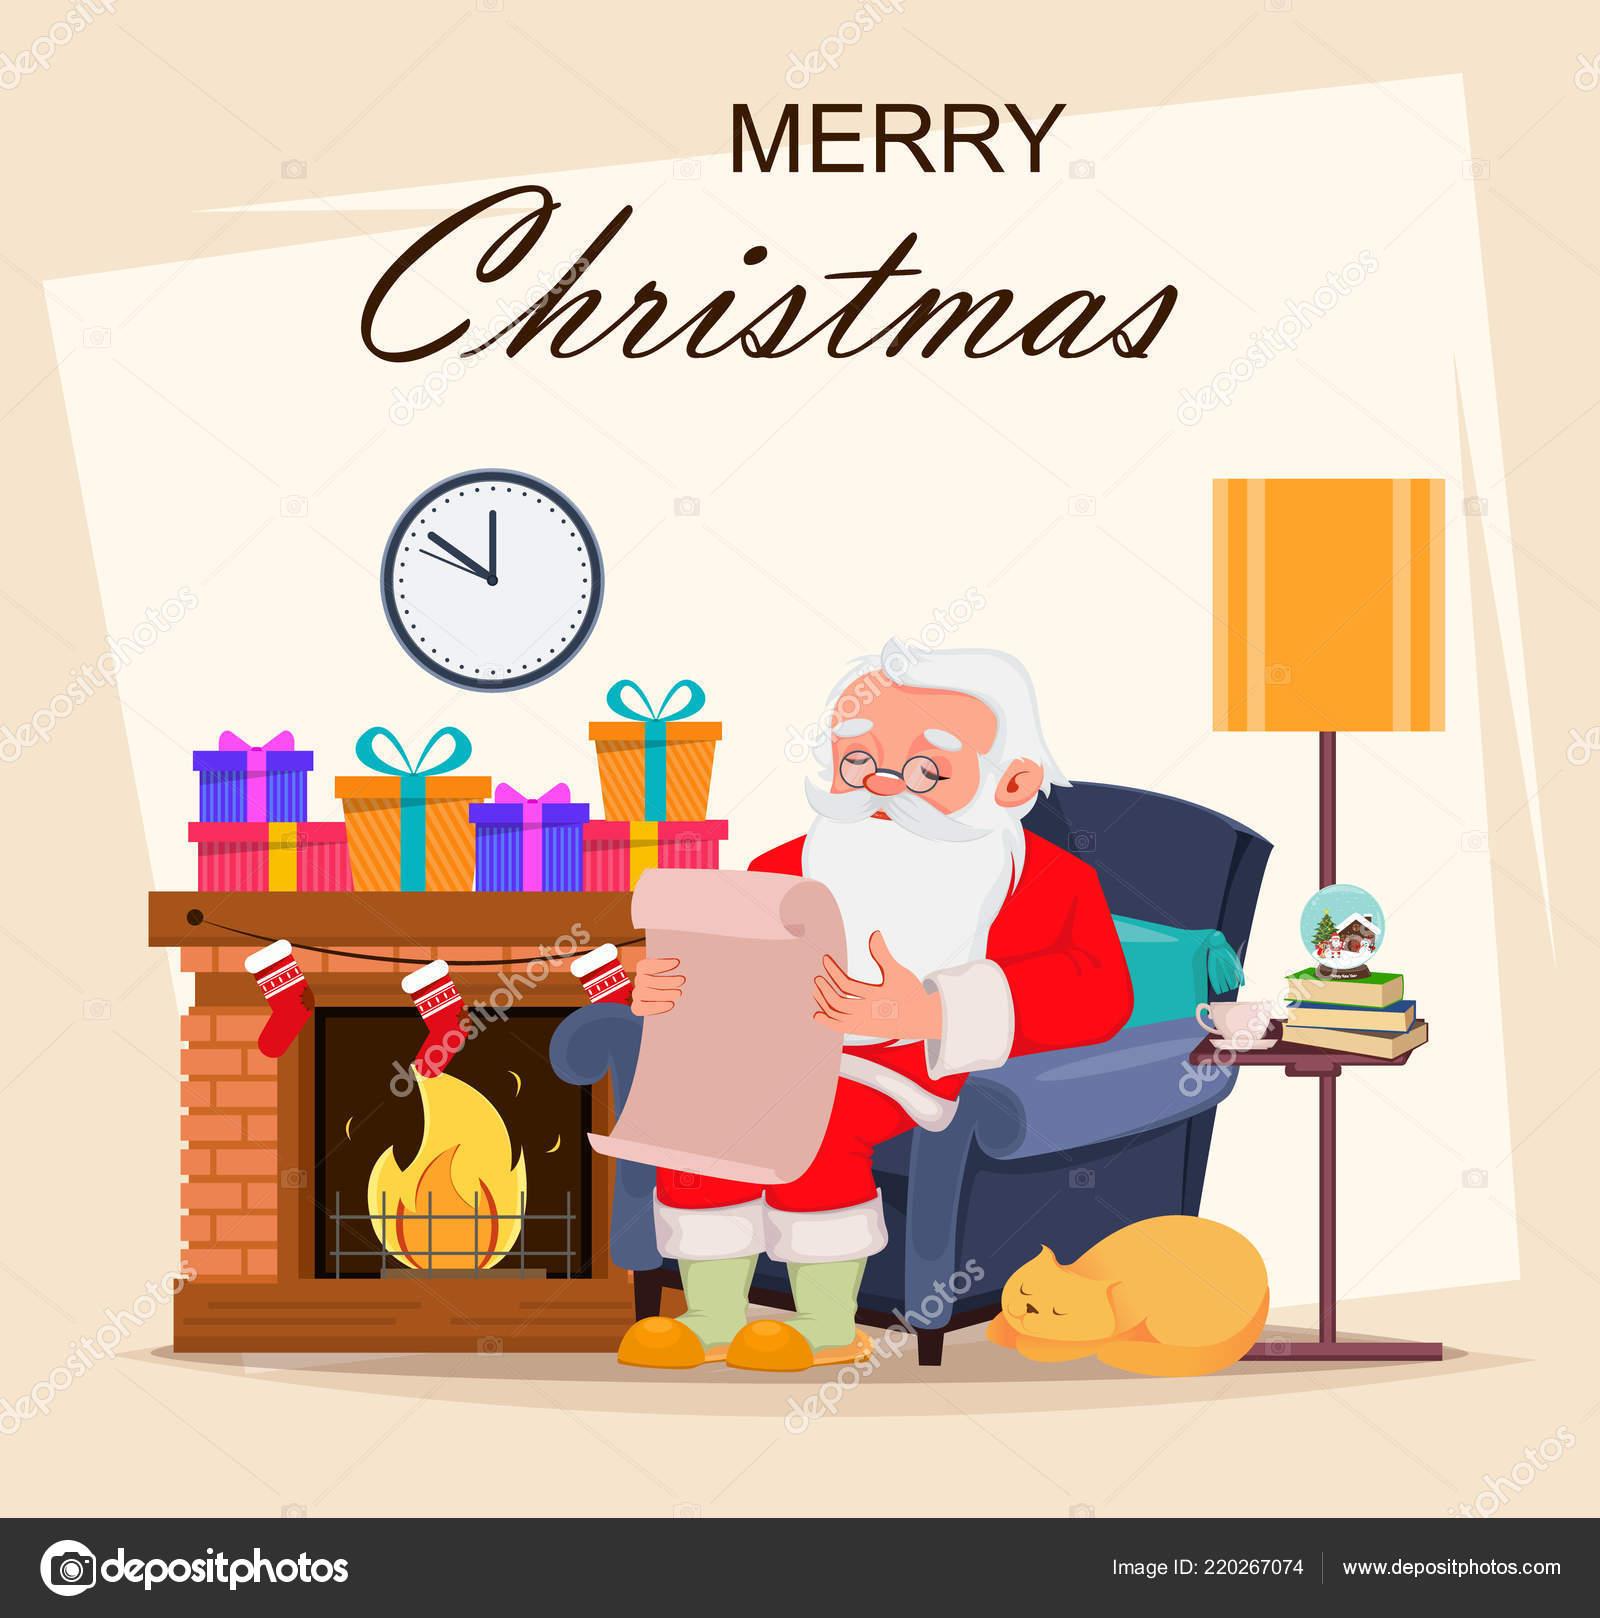 Feliz Tarjeta Felicitación Navidad Con Santa Claus Dibujos Animados